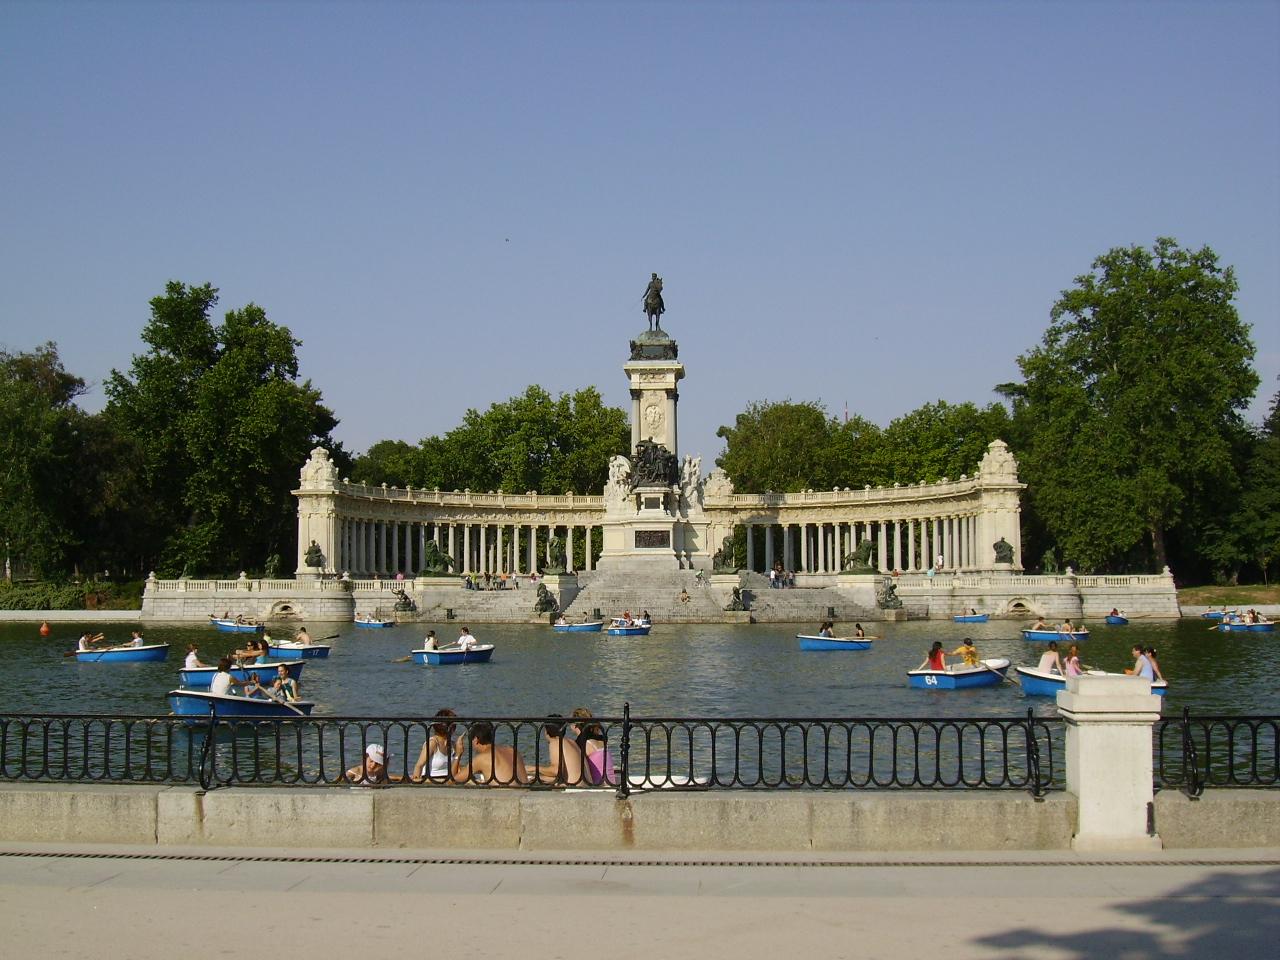 Depiction of Parque